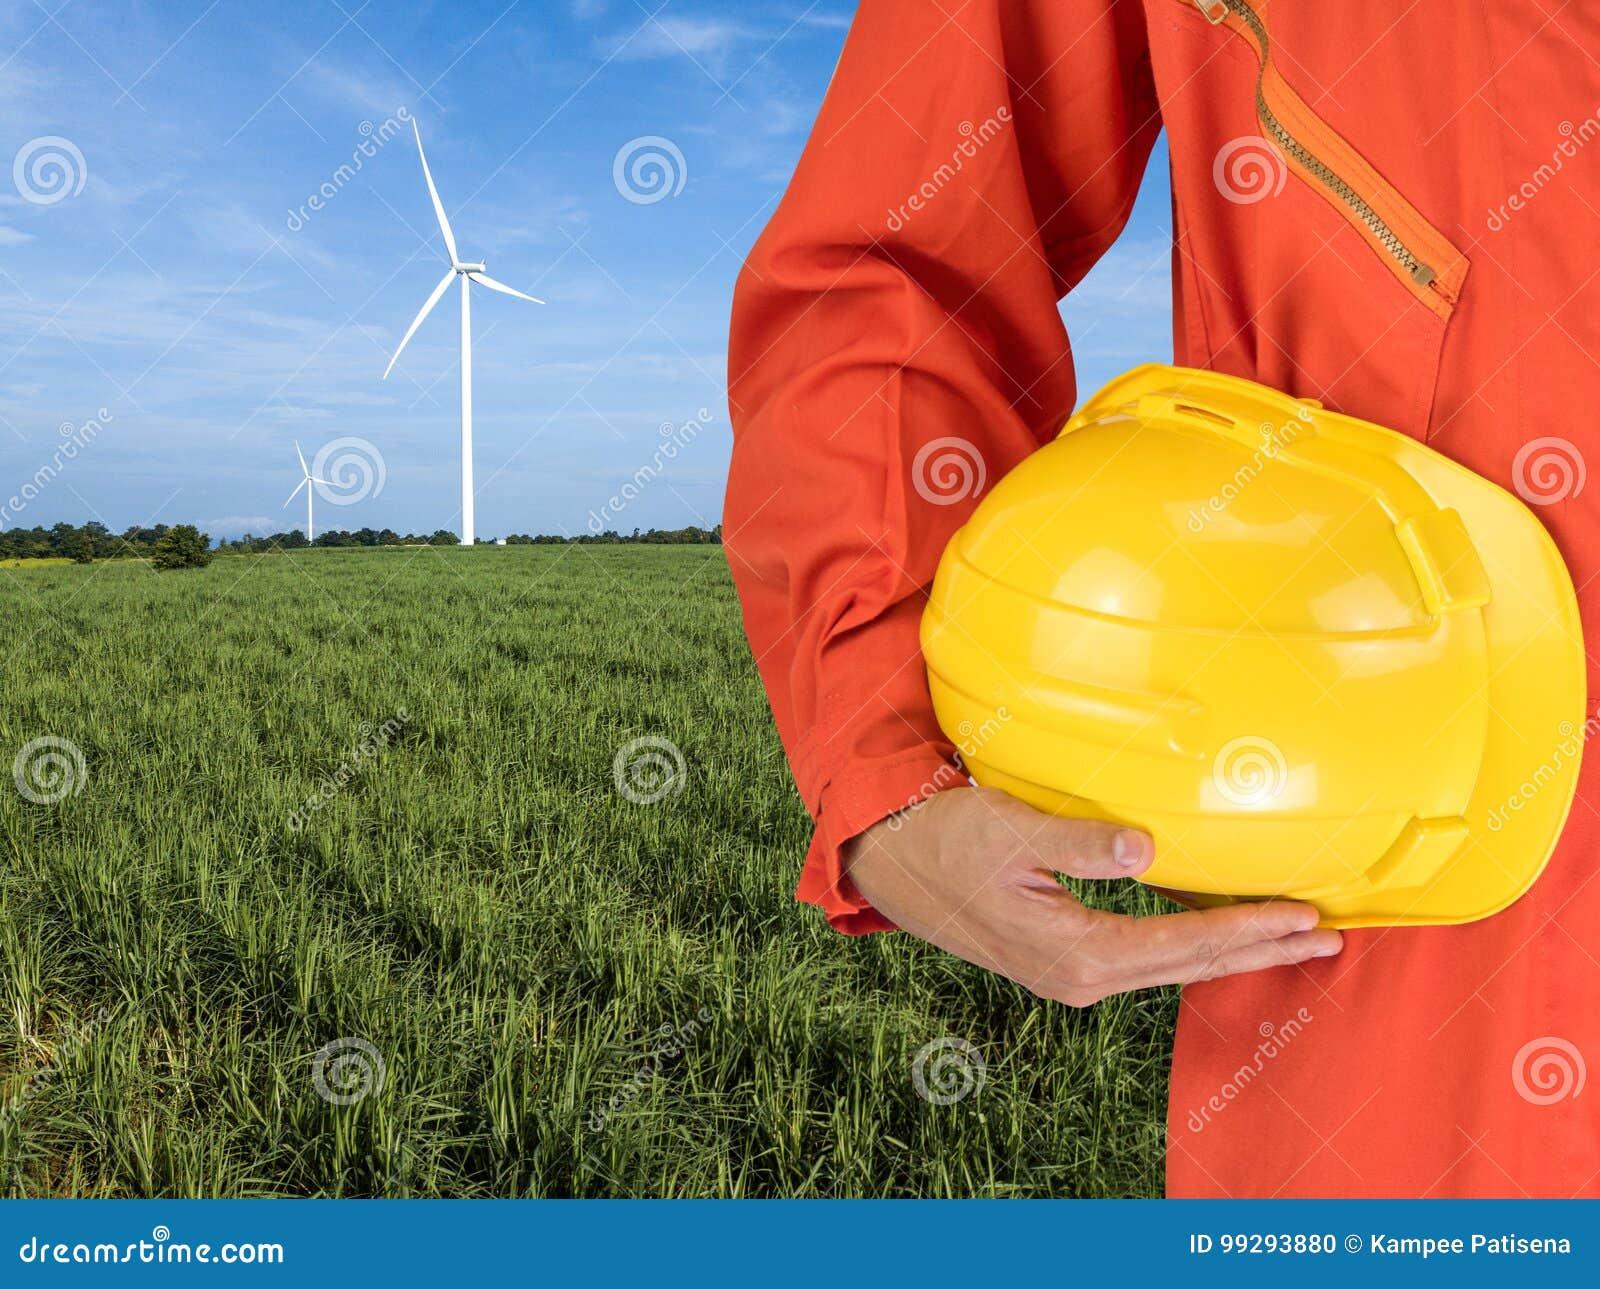 Le costume et la main de sécurité tiennent le casque jaune avec le gener de turbines de vent